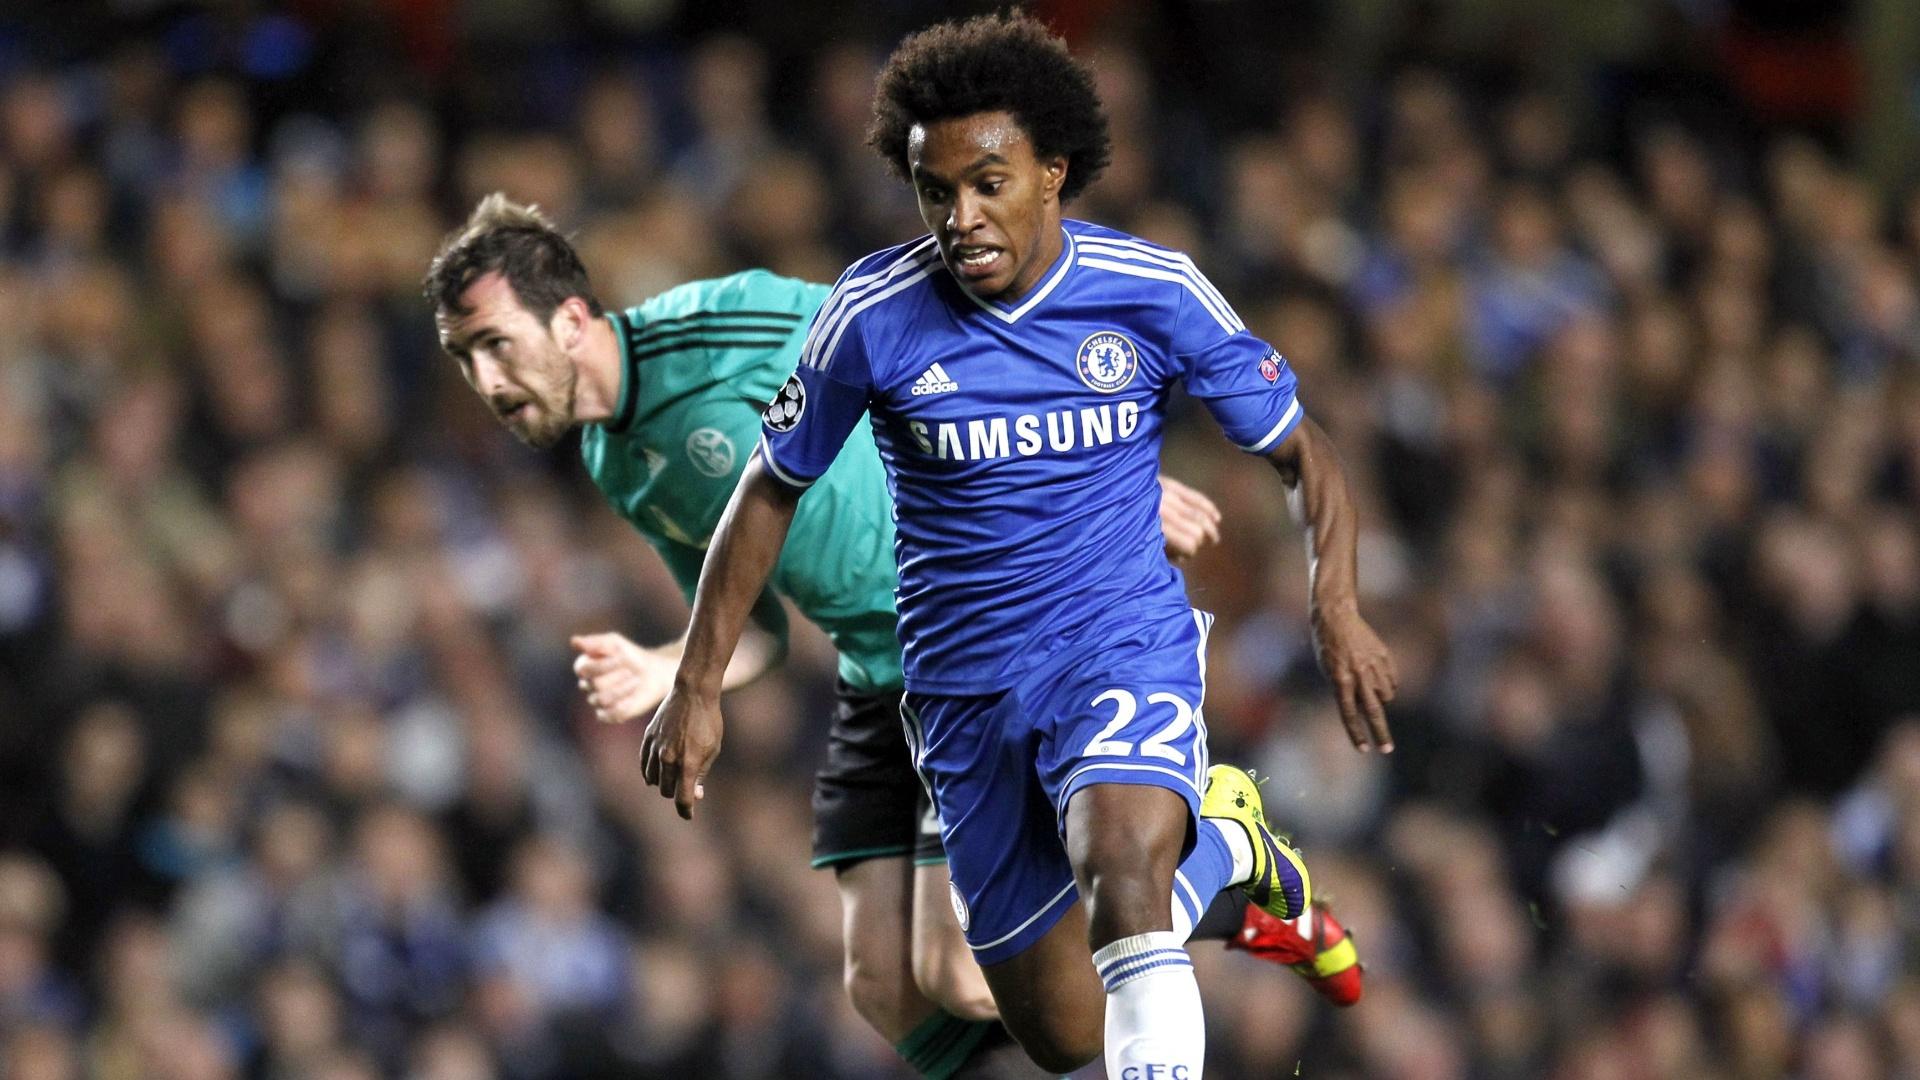 Willian, meia do Chelsea, carrega a bola depois de driblar o goleiro na vitória contra o Schalke 04, pela Liga dos Campeões